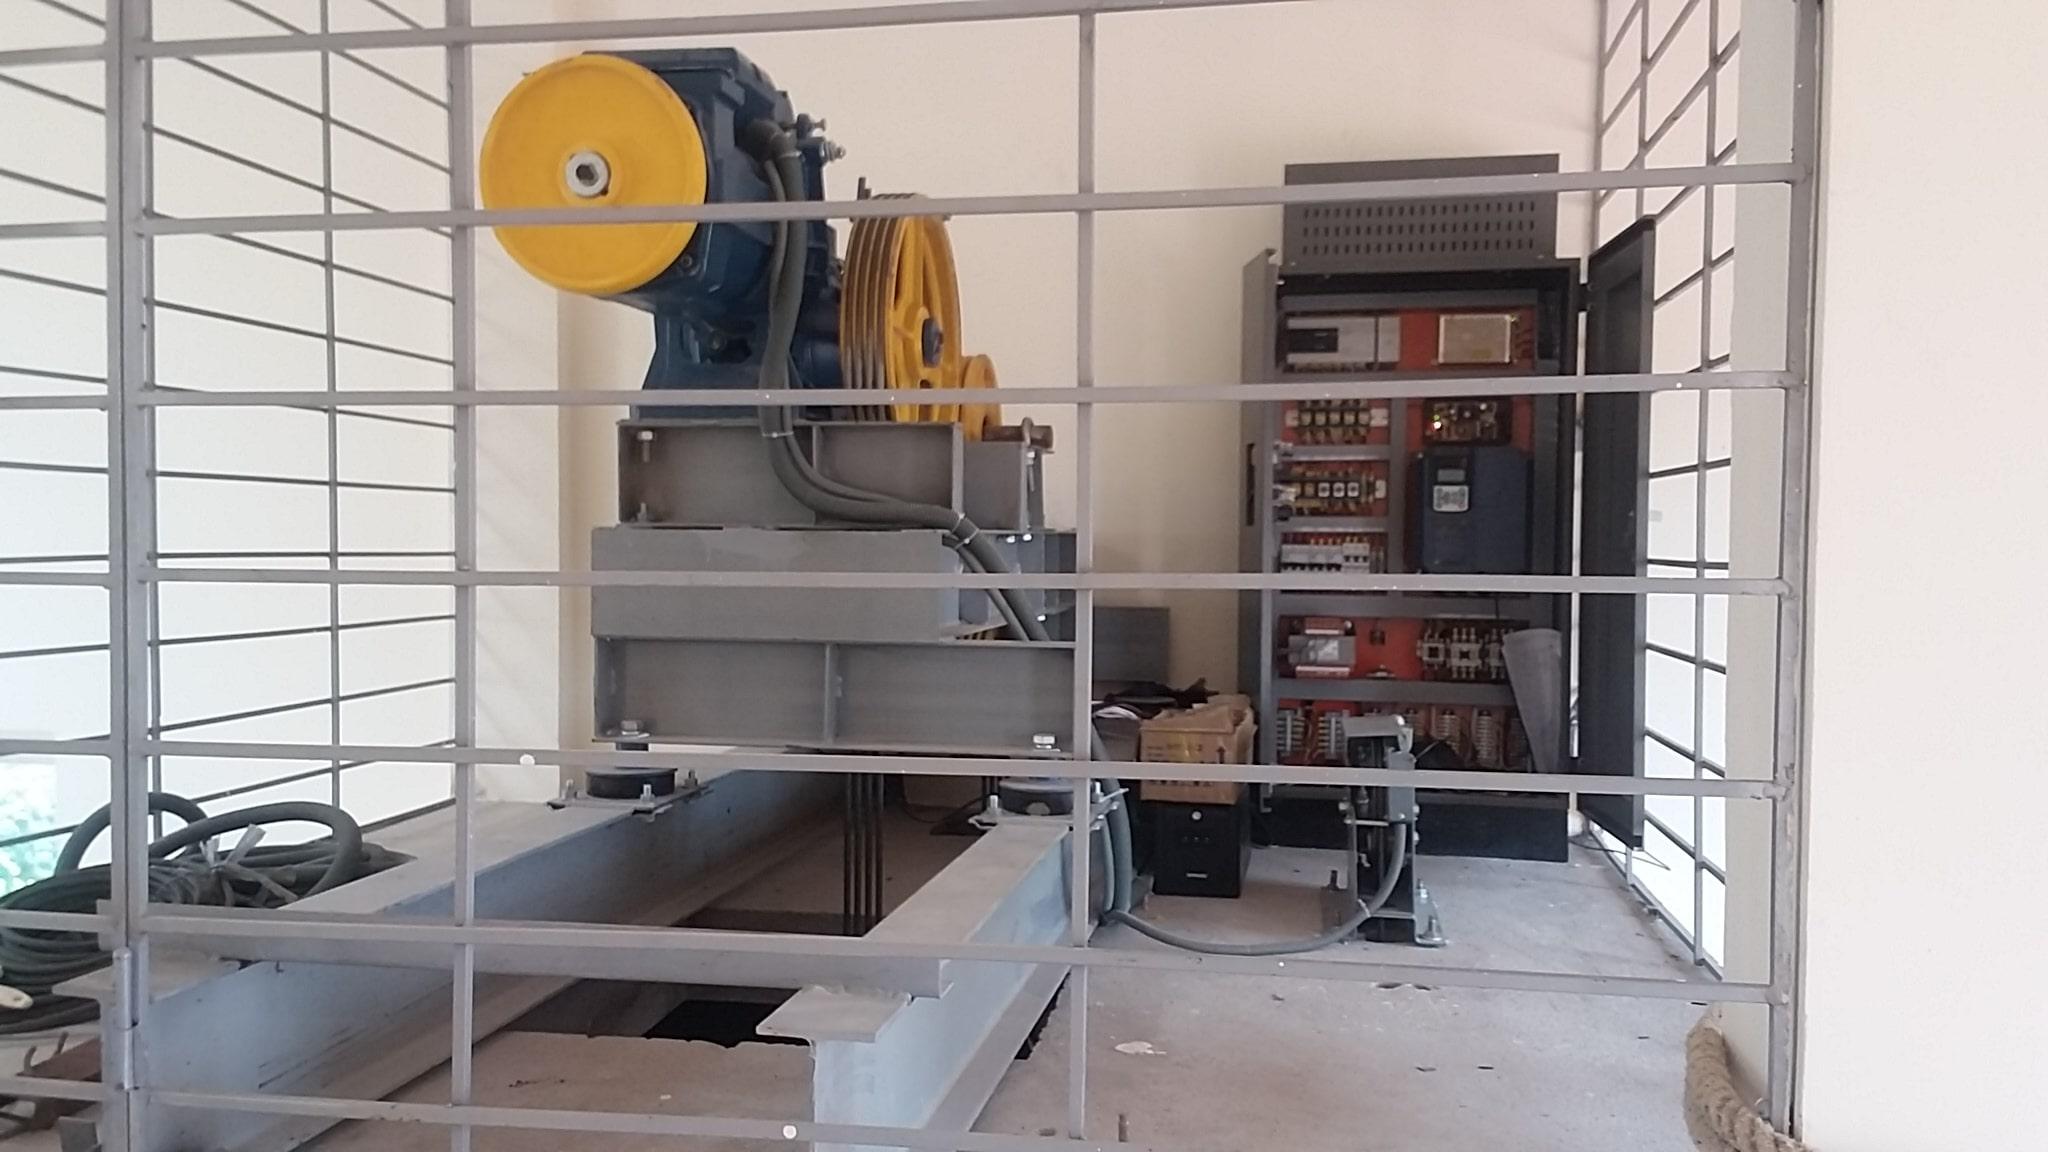 Xây dựng phòng thang máy cần lưu ý những vấn đề nào